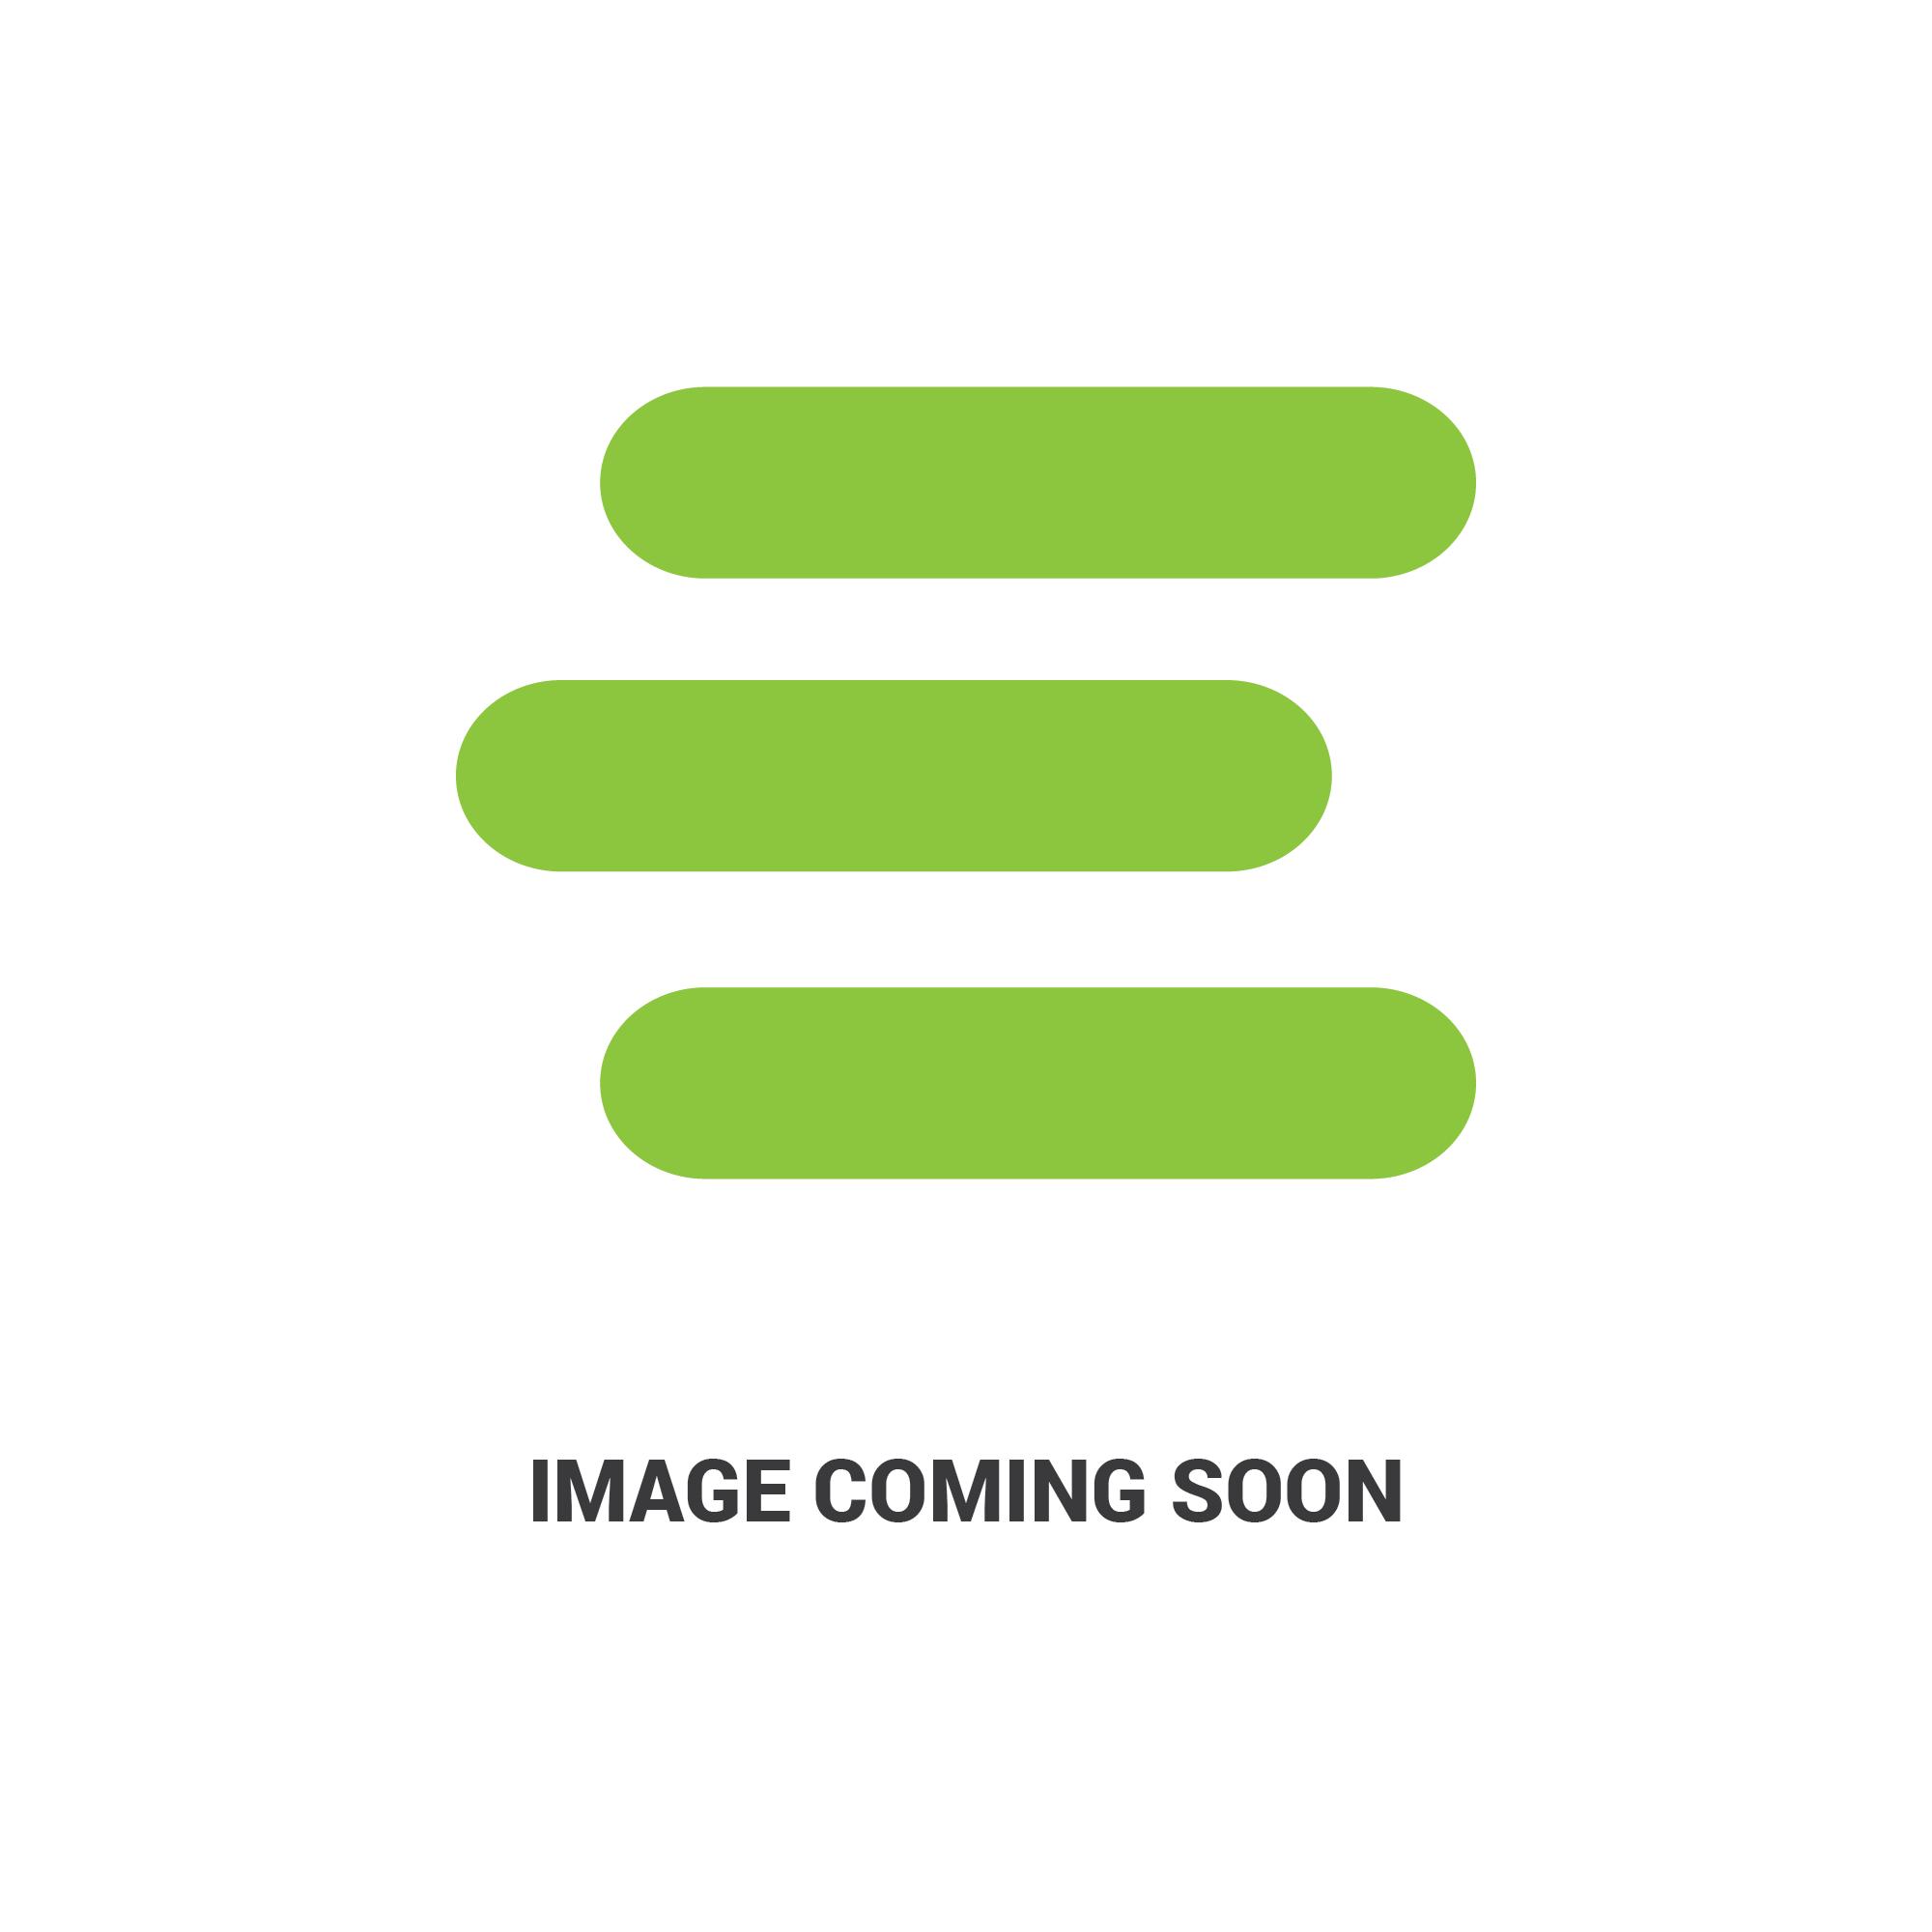 E-53066-7502-MAinfo edit0.jpg